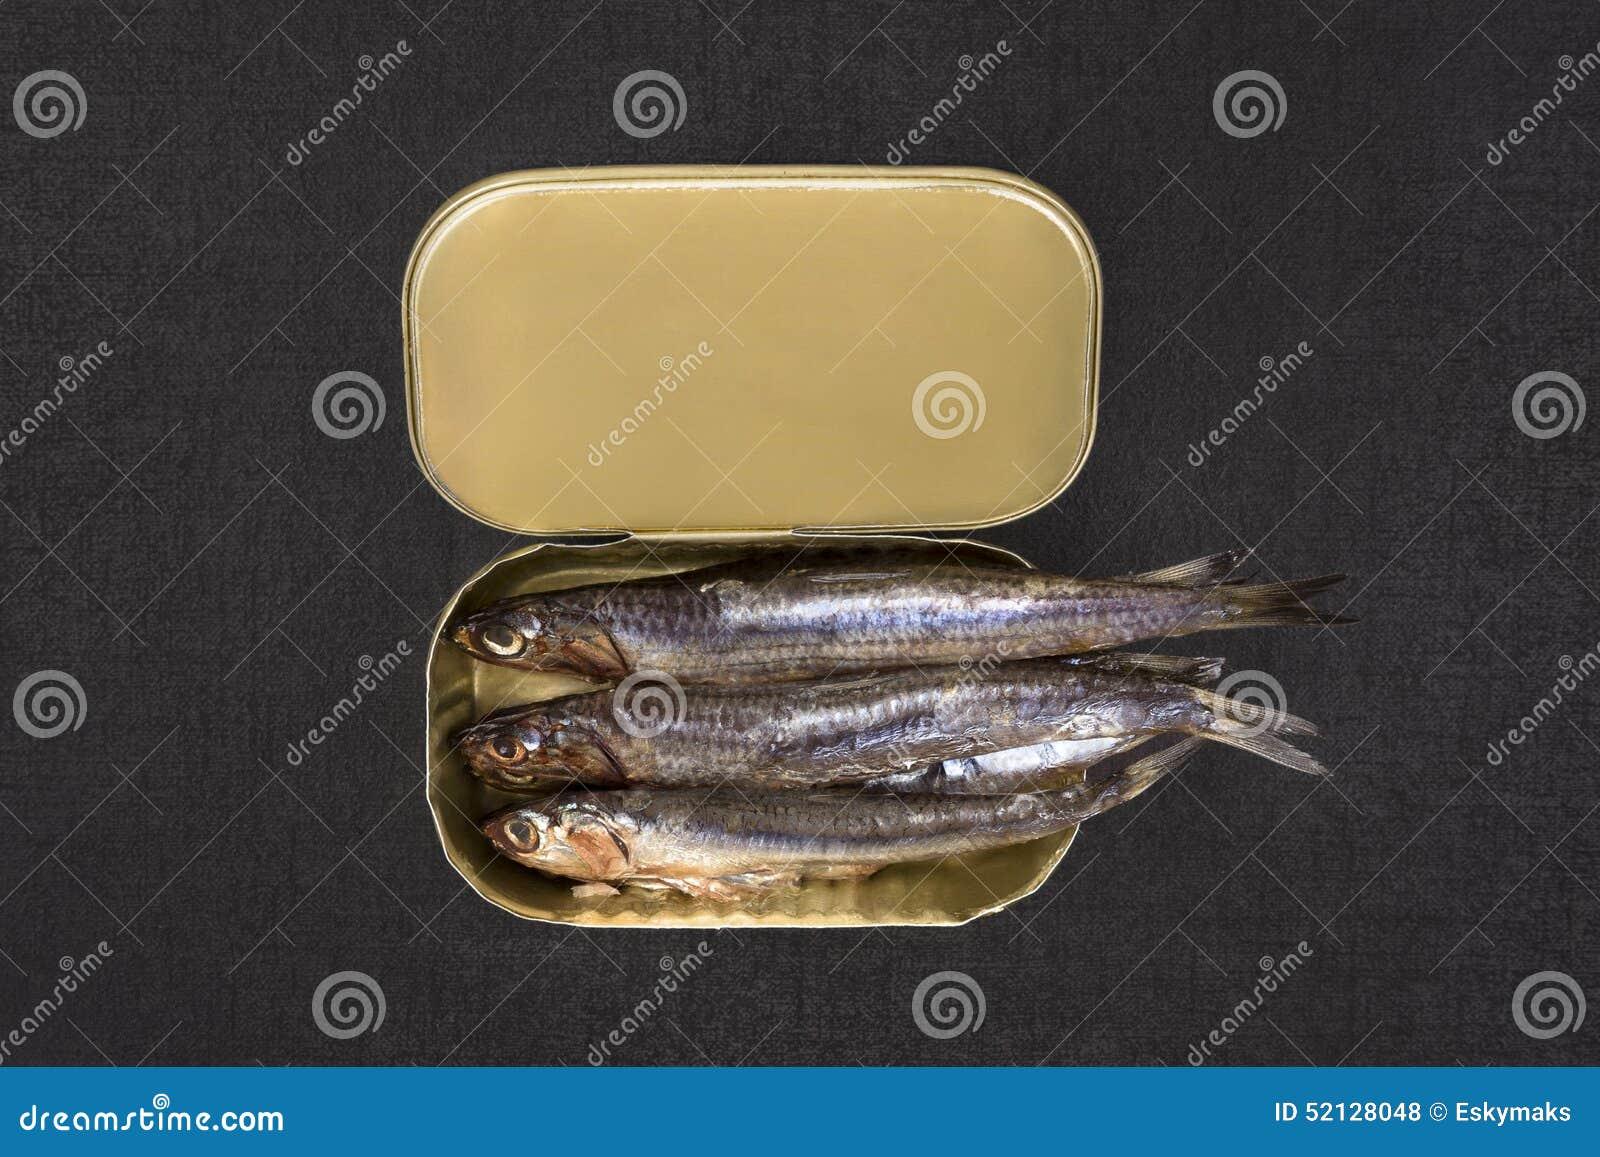 Ingeblikte sardines